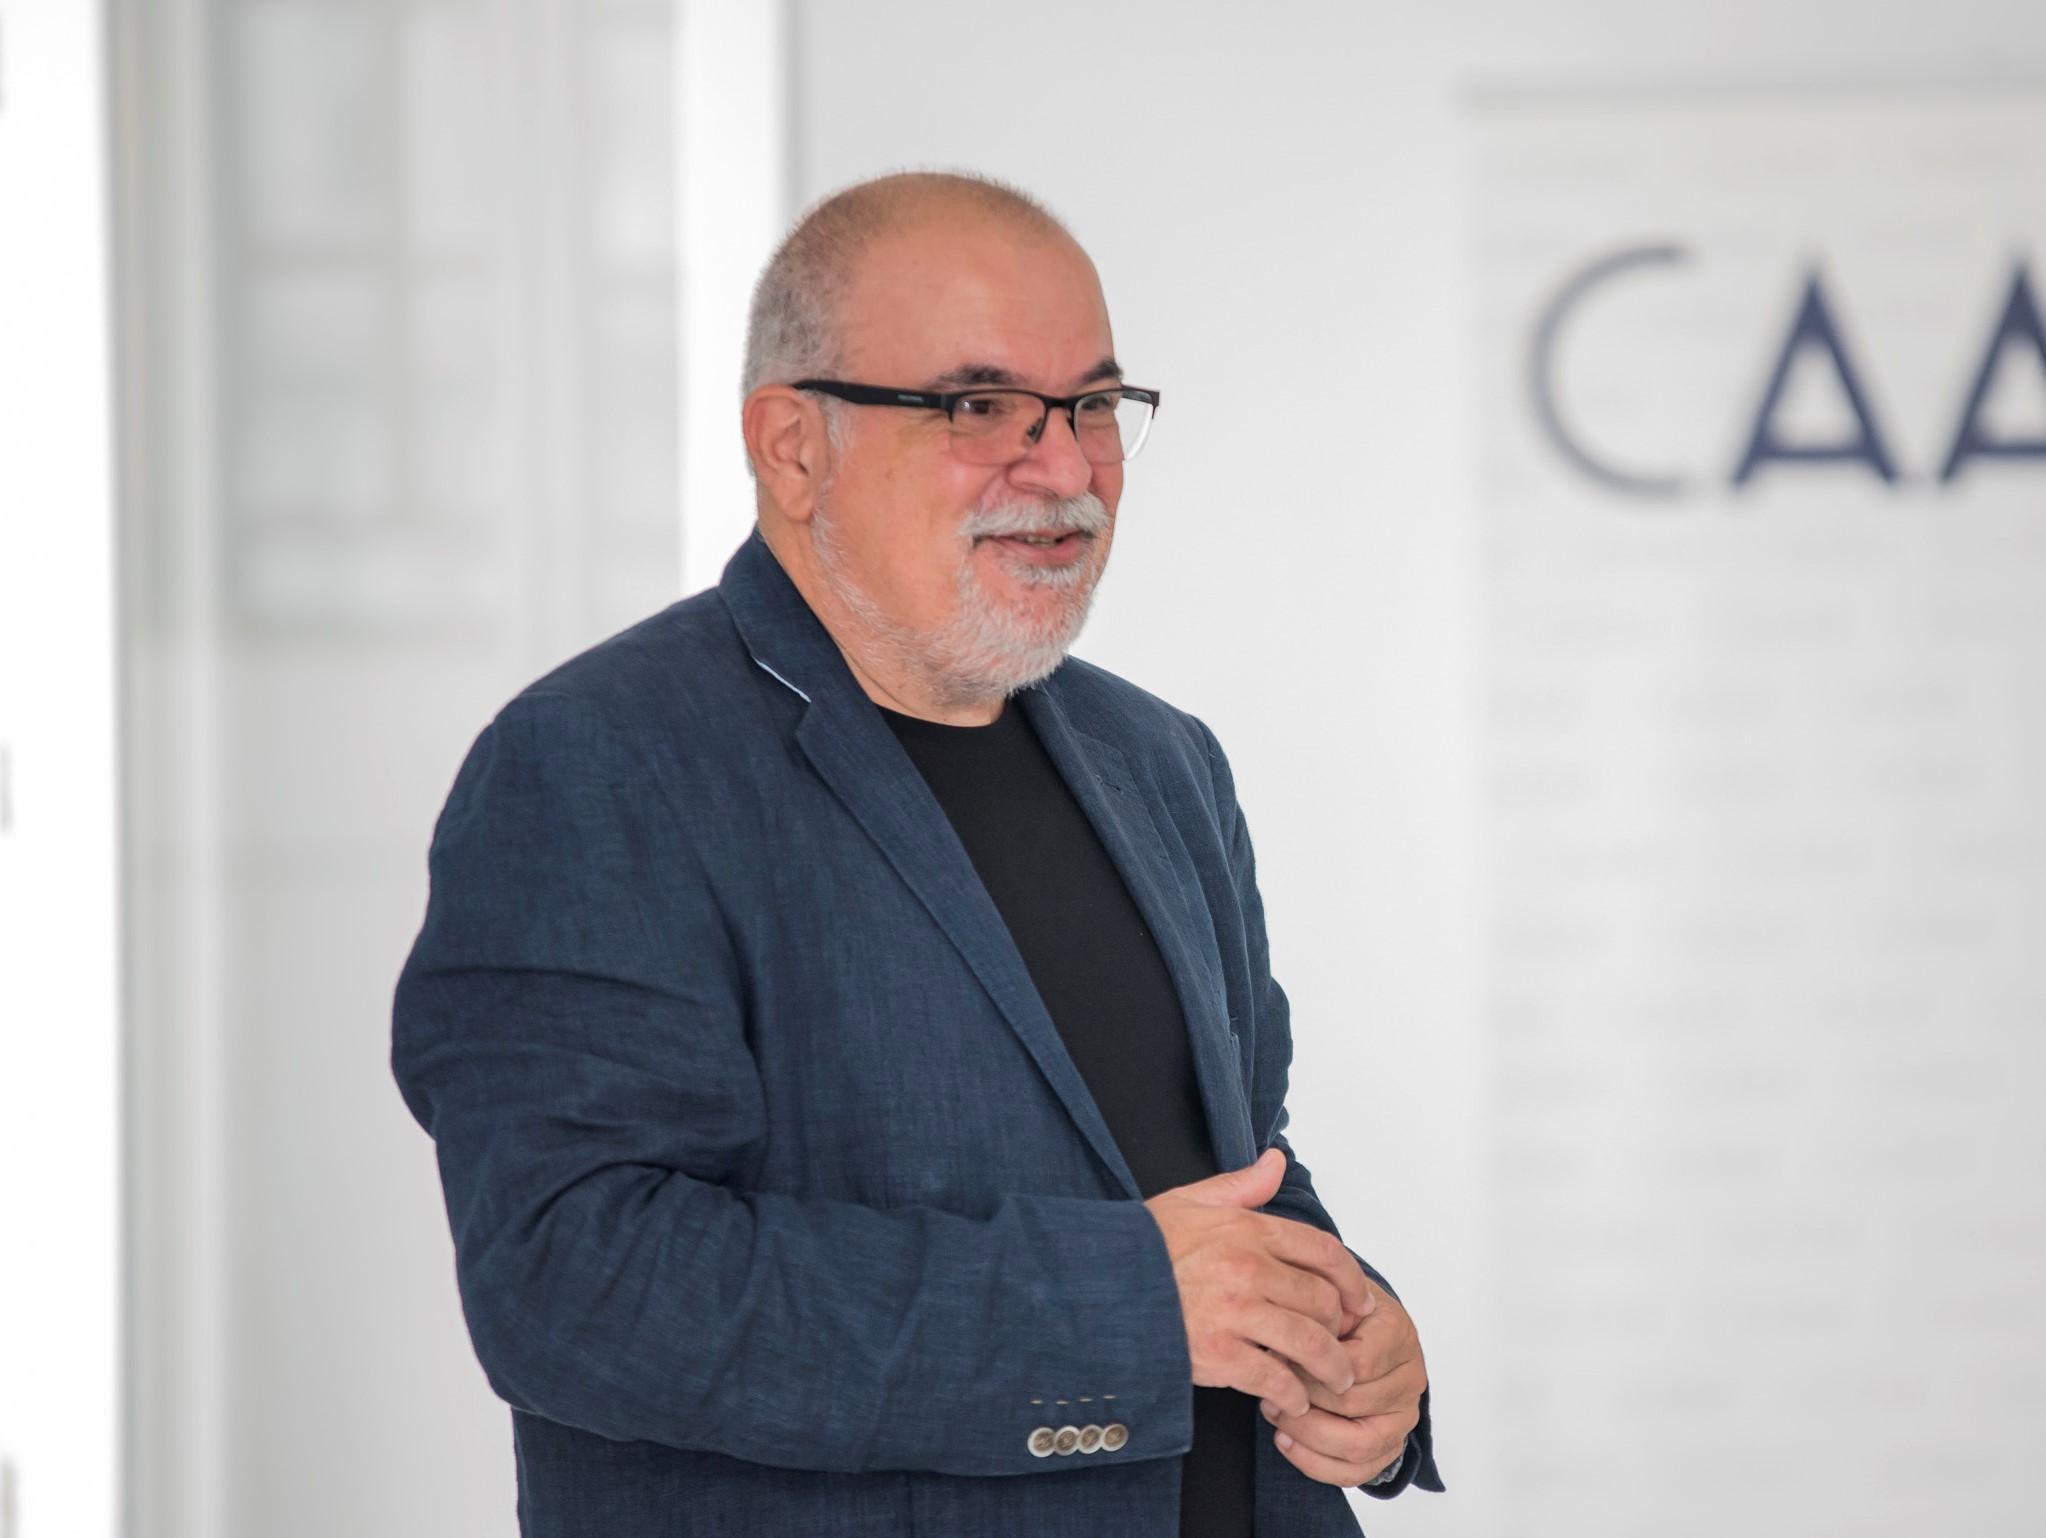 Foto de Orlando Britto Jinorio, director del CAAM